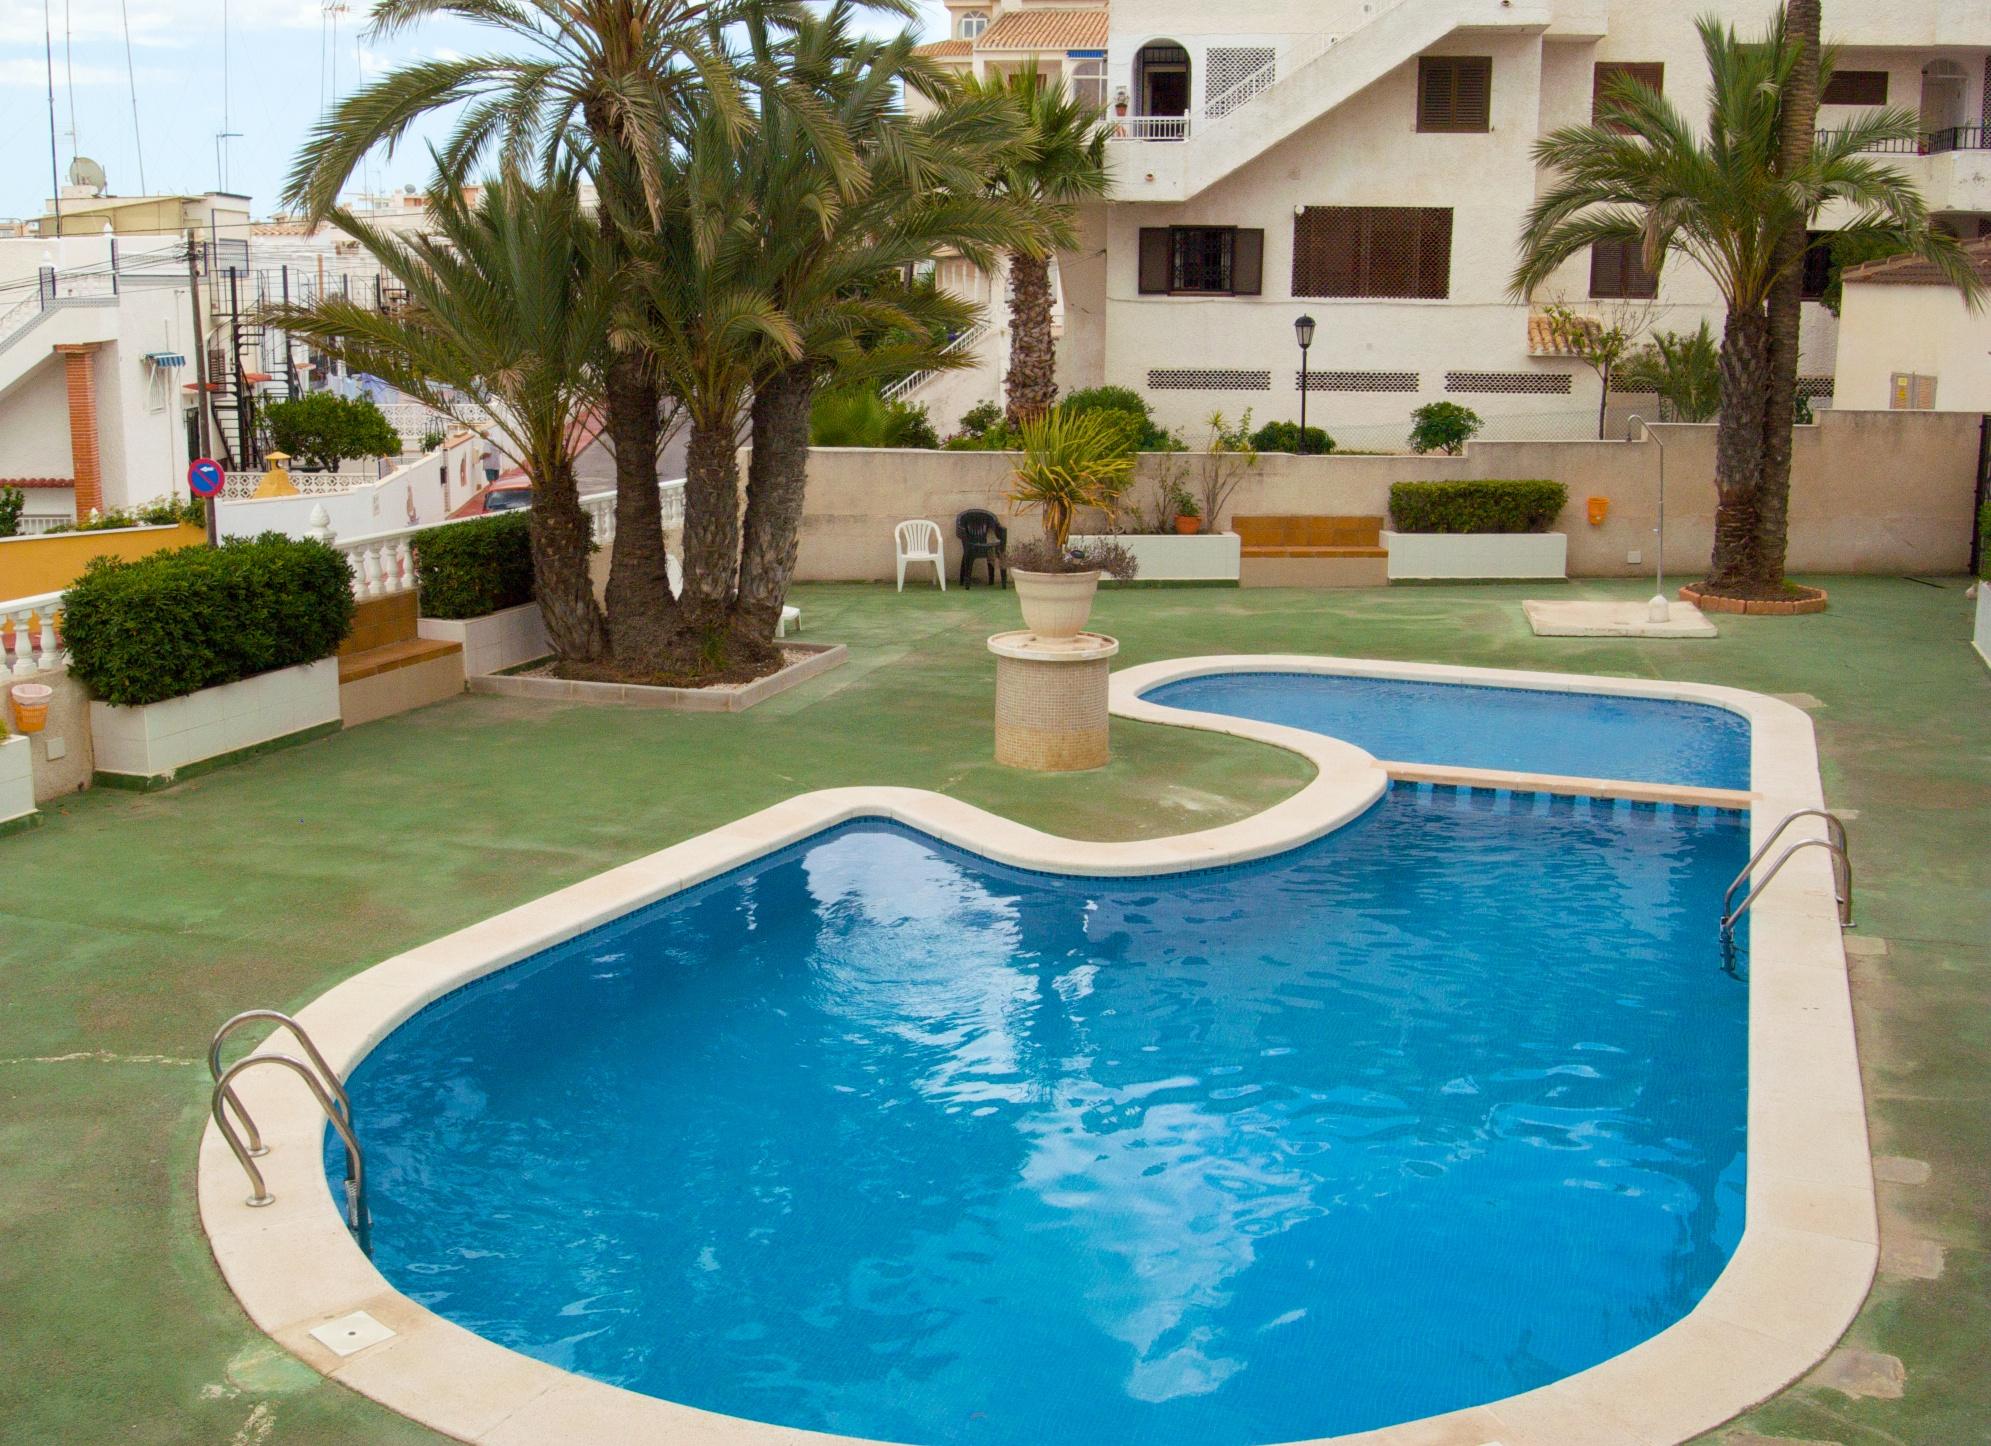 Lomas playa ii alquiler de apartamentos en torrevieja - Alquiler de apartamentos en playa ...